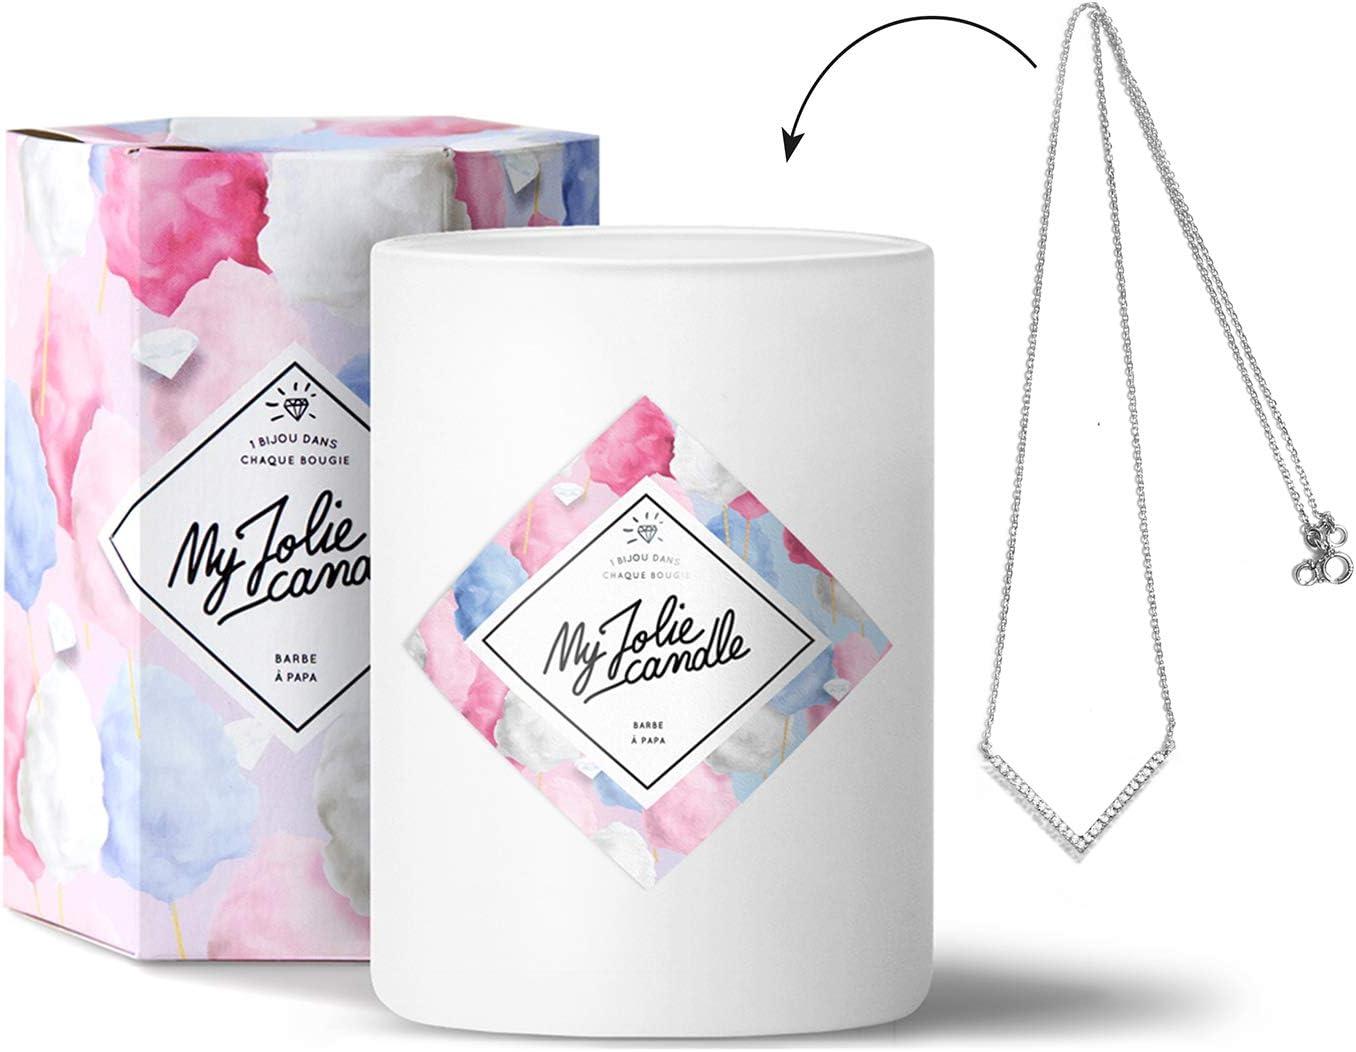 My Jolie Candle- Vela con aroma a algodón de azúcar y collar en su ...